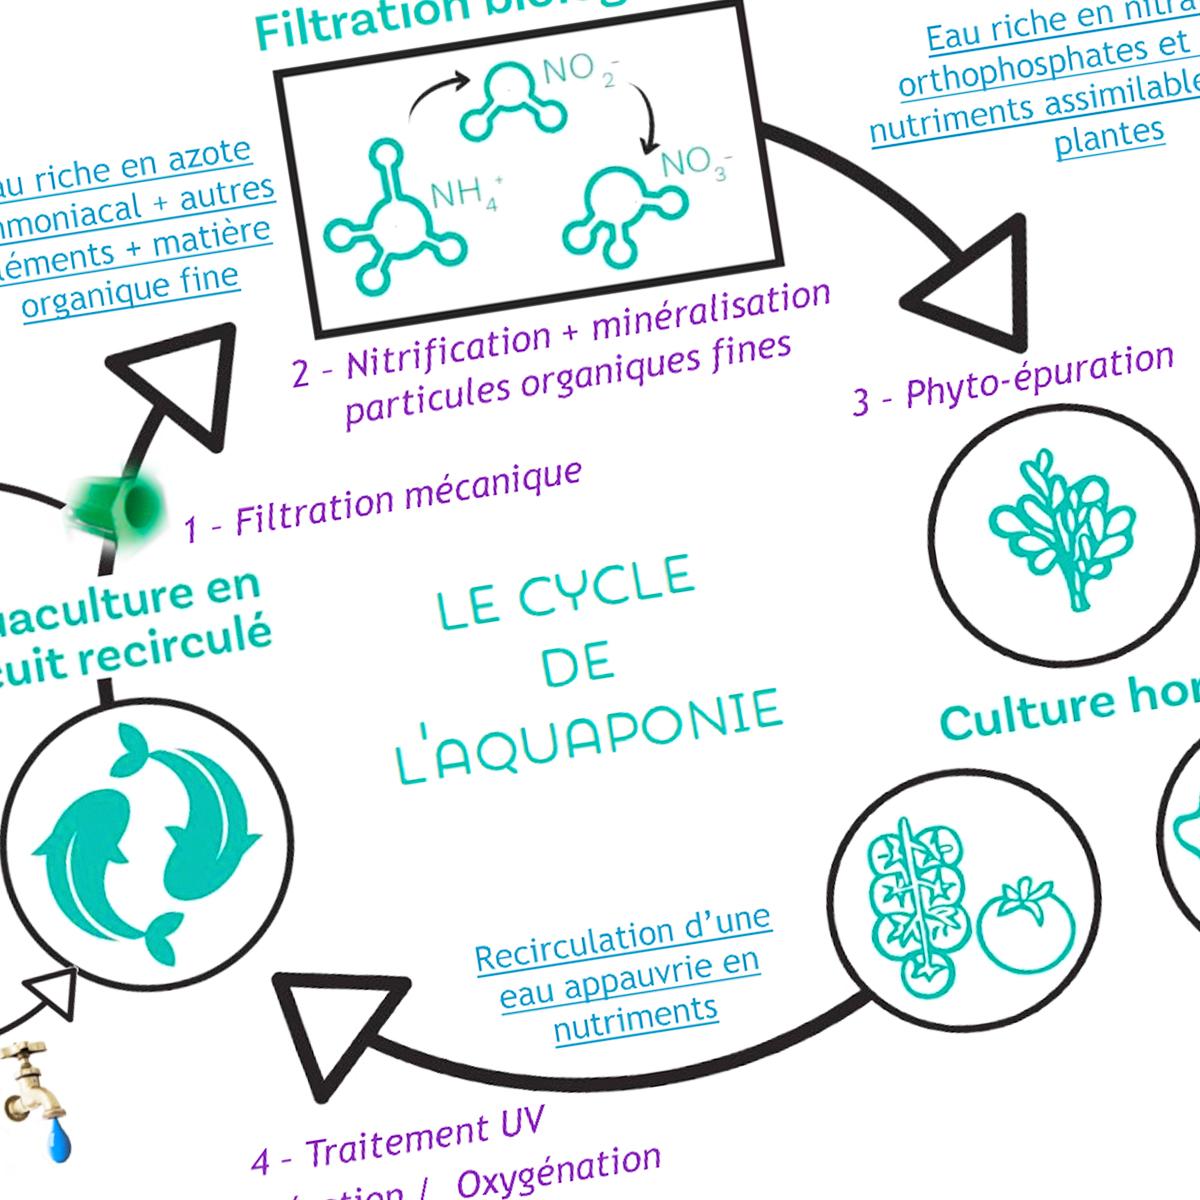 Introduction à l'aquaponie